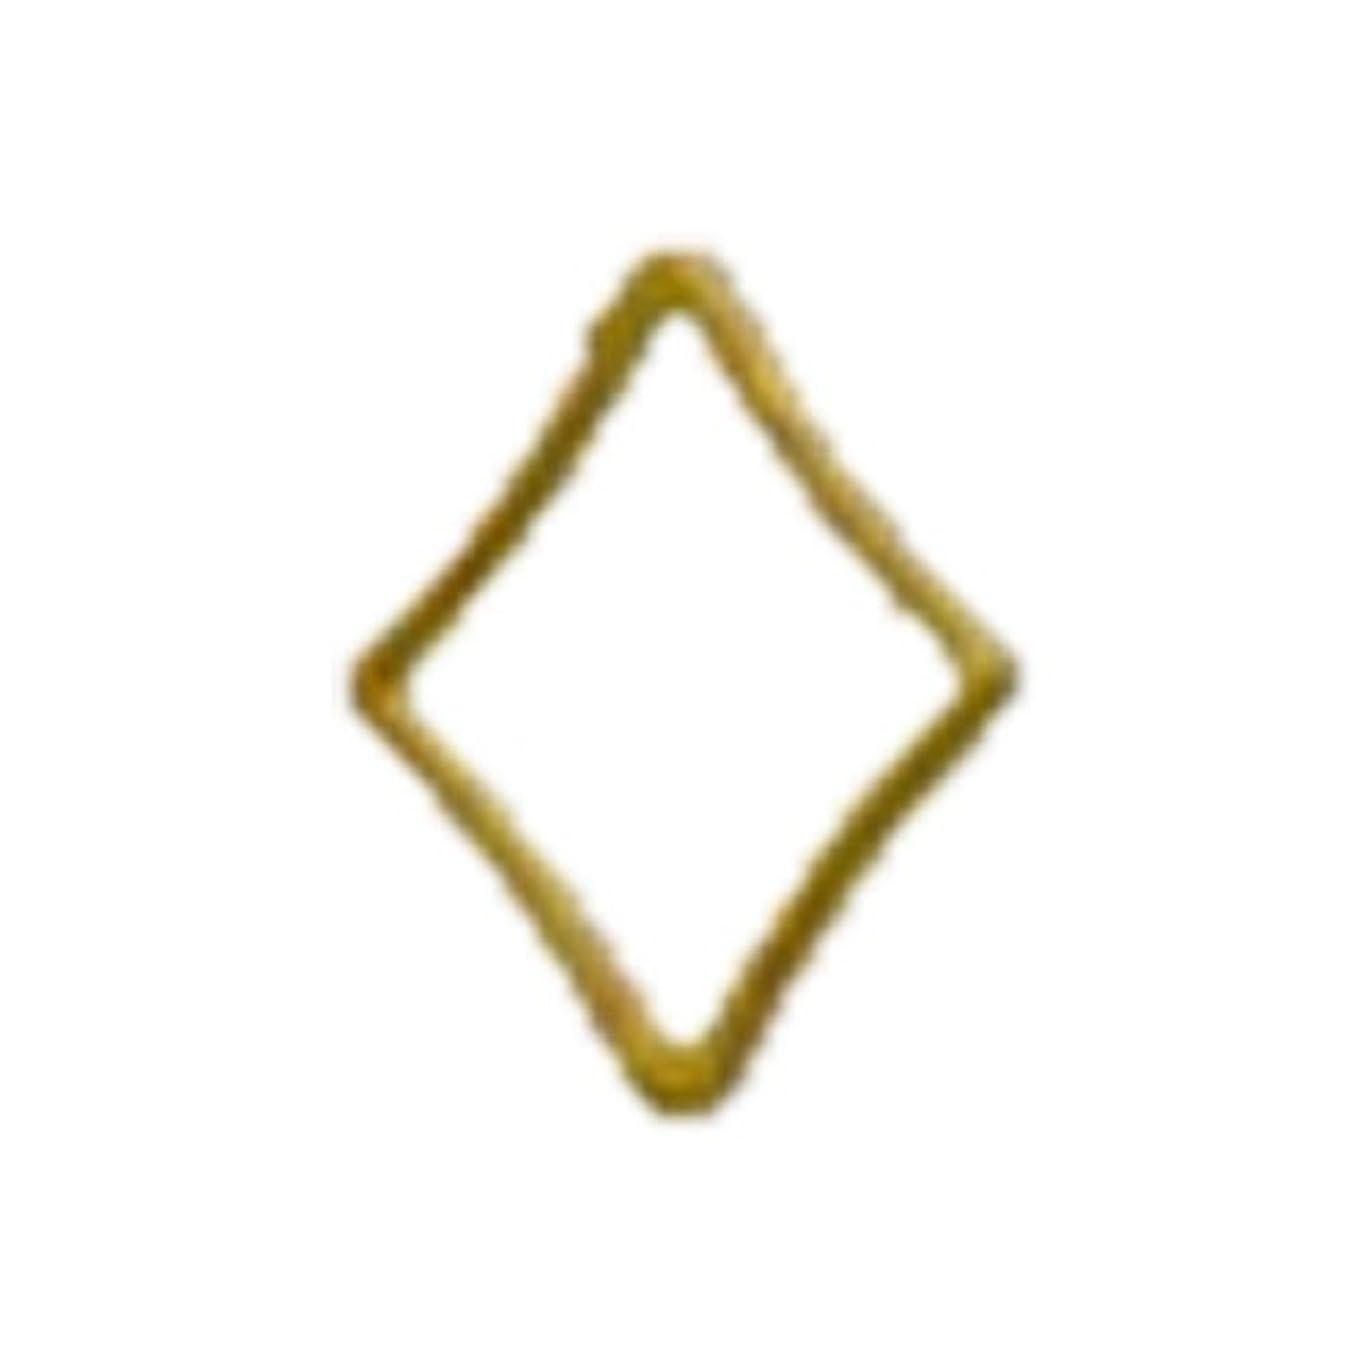 散文むき出し決済リトルプリティー ネイルアートパーツ キラキラ 3S ゴールド 20個